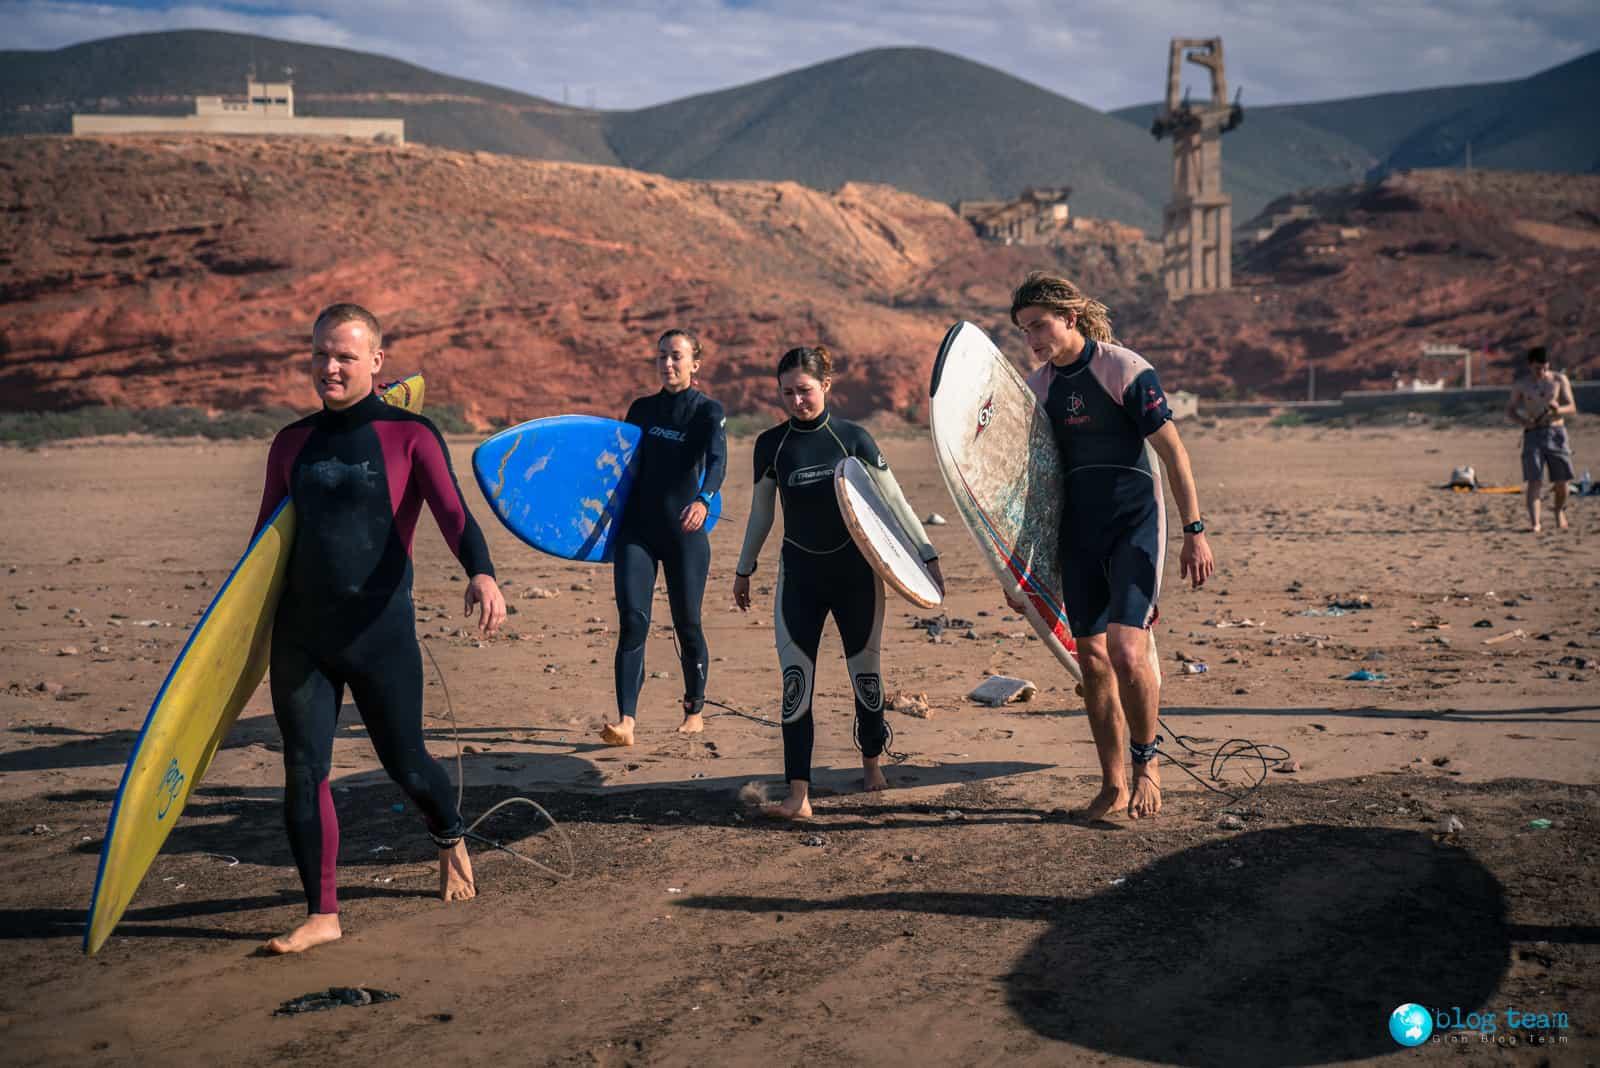 Idziemy uczyć się surfingu :)